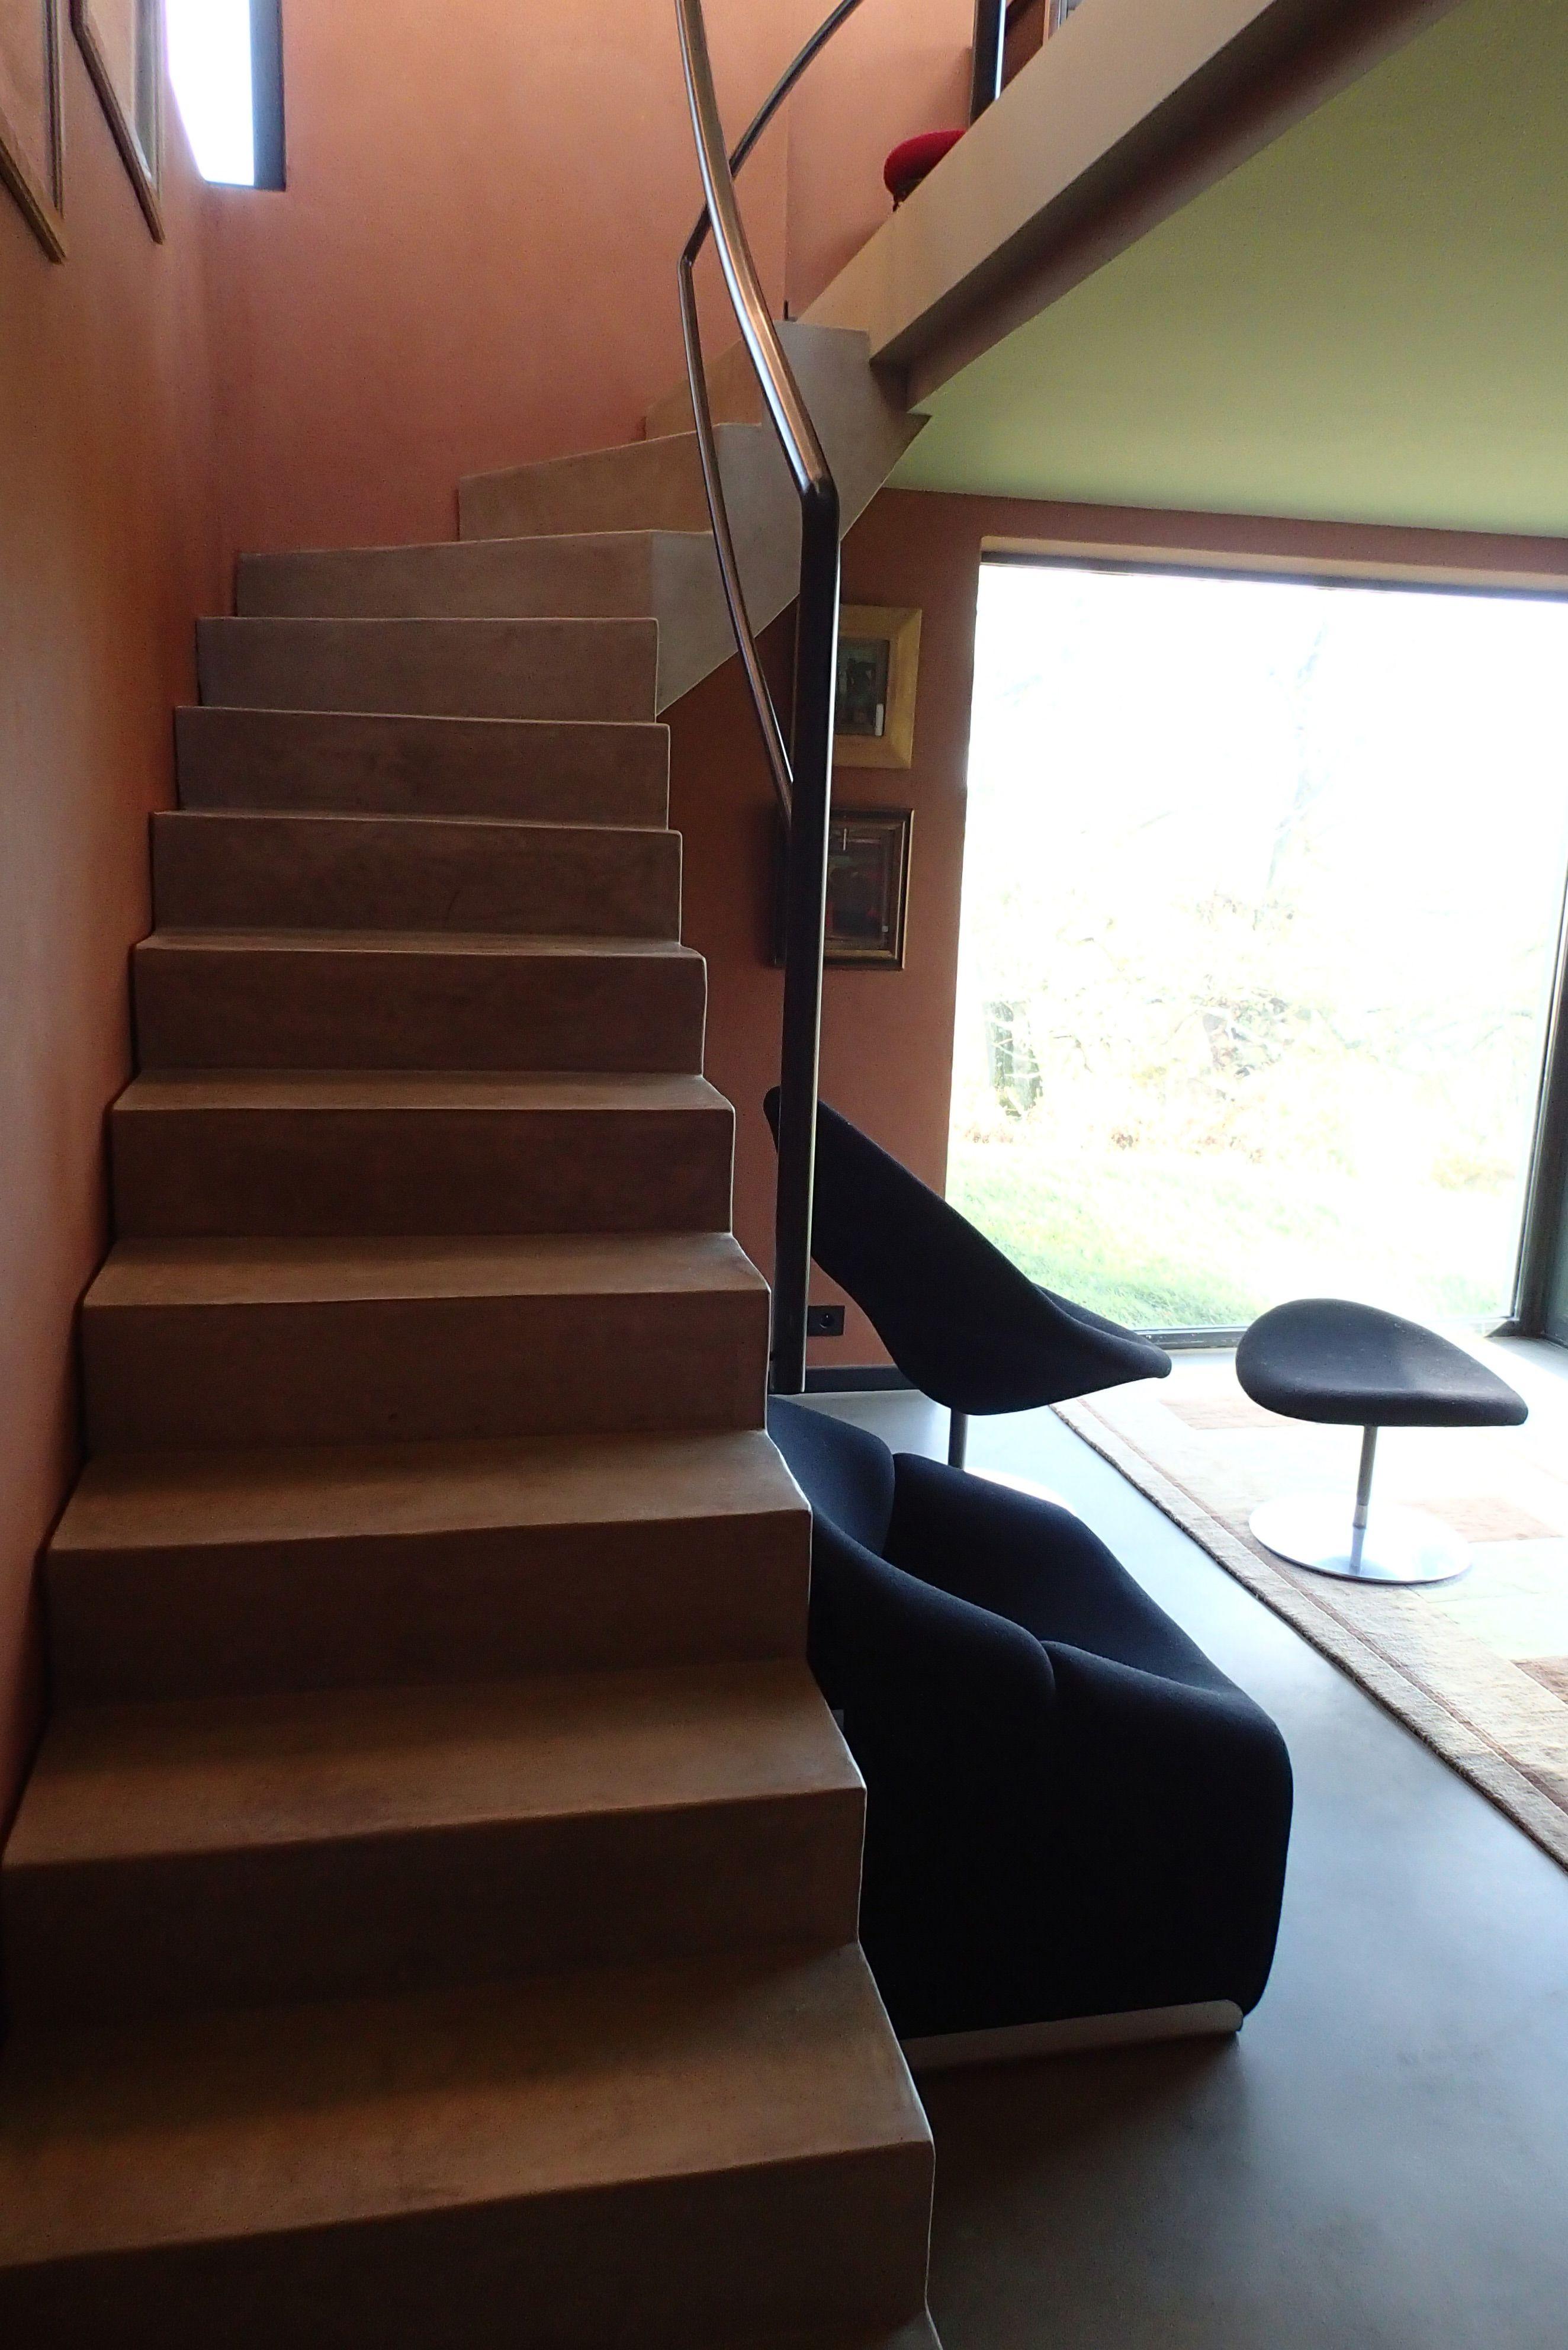 mur de l 39 escalier en terre fine escalier en stuc ciment sol b ton cir r alisation. Black Bedroom Furniture Sets. Home Design Ideas